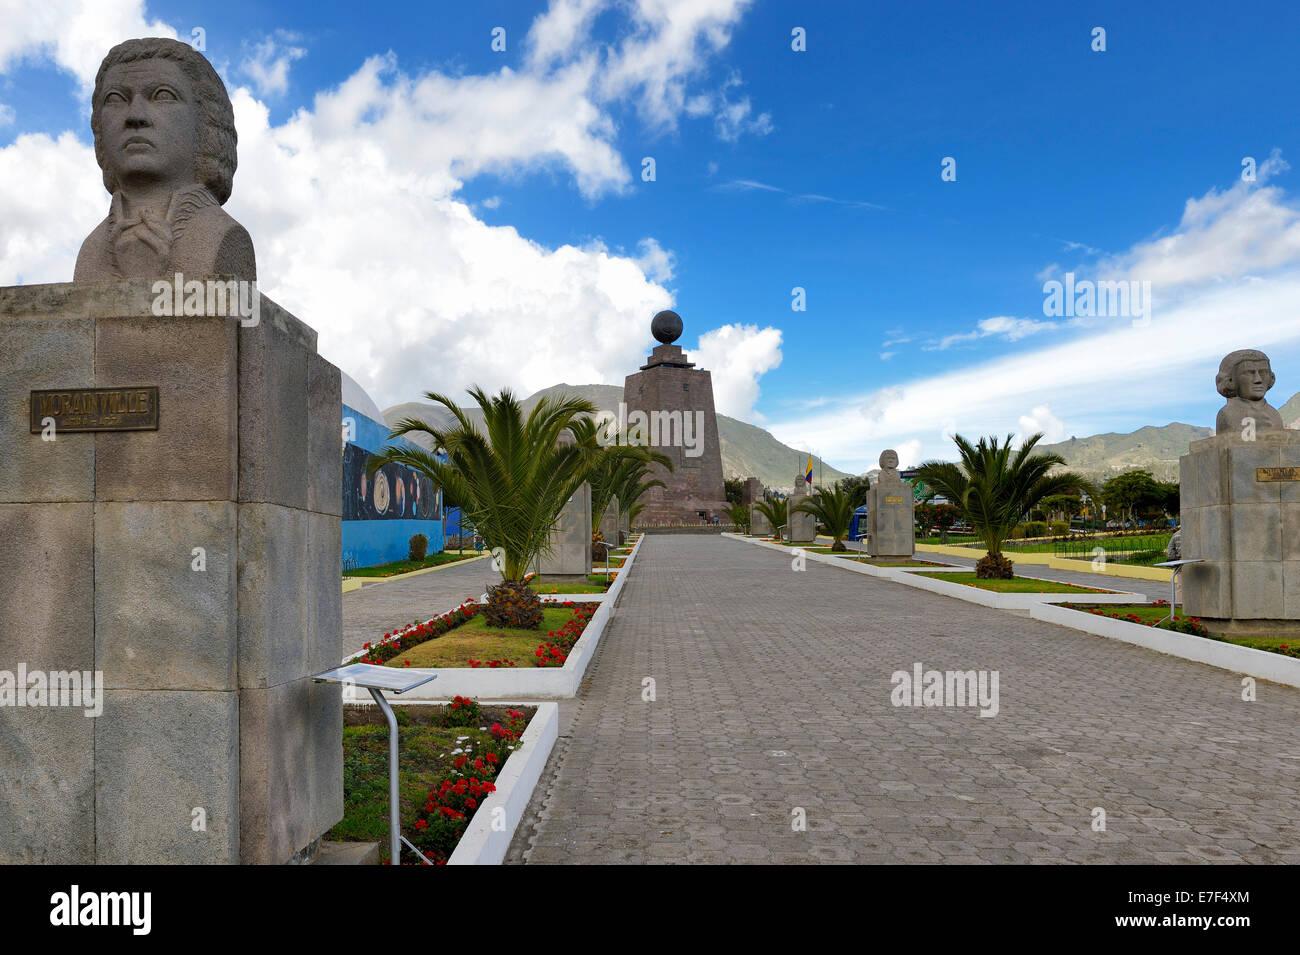 Equatorial Monument, Quito, Ecuador, South America - Stock Image